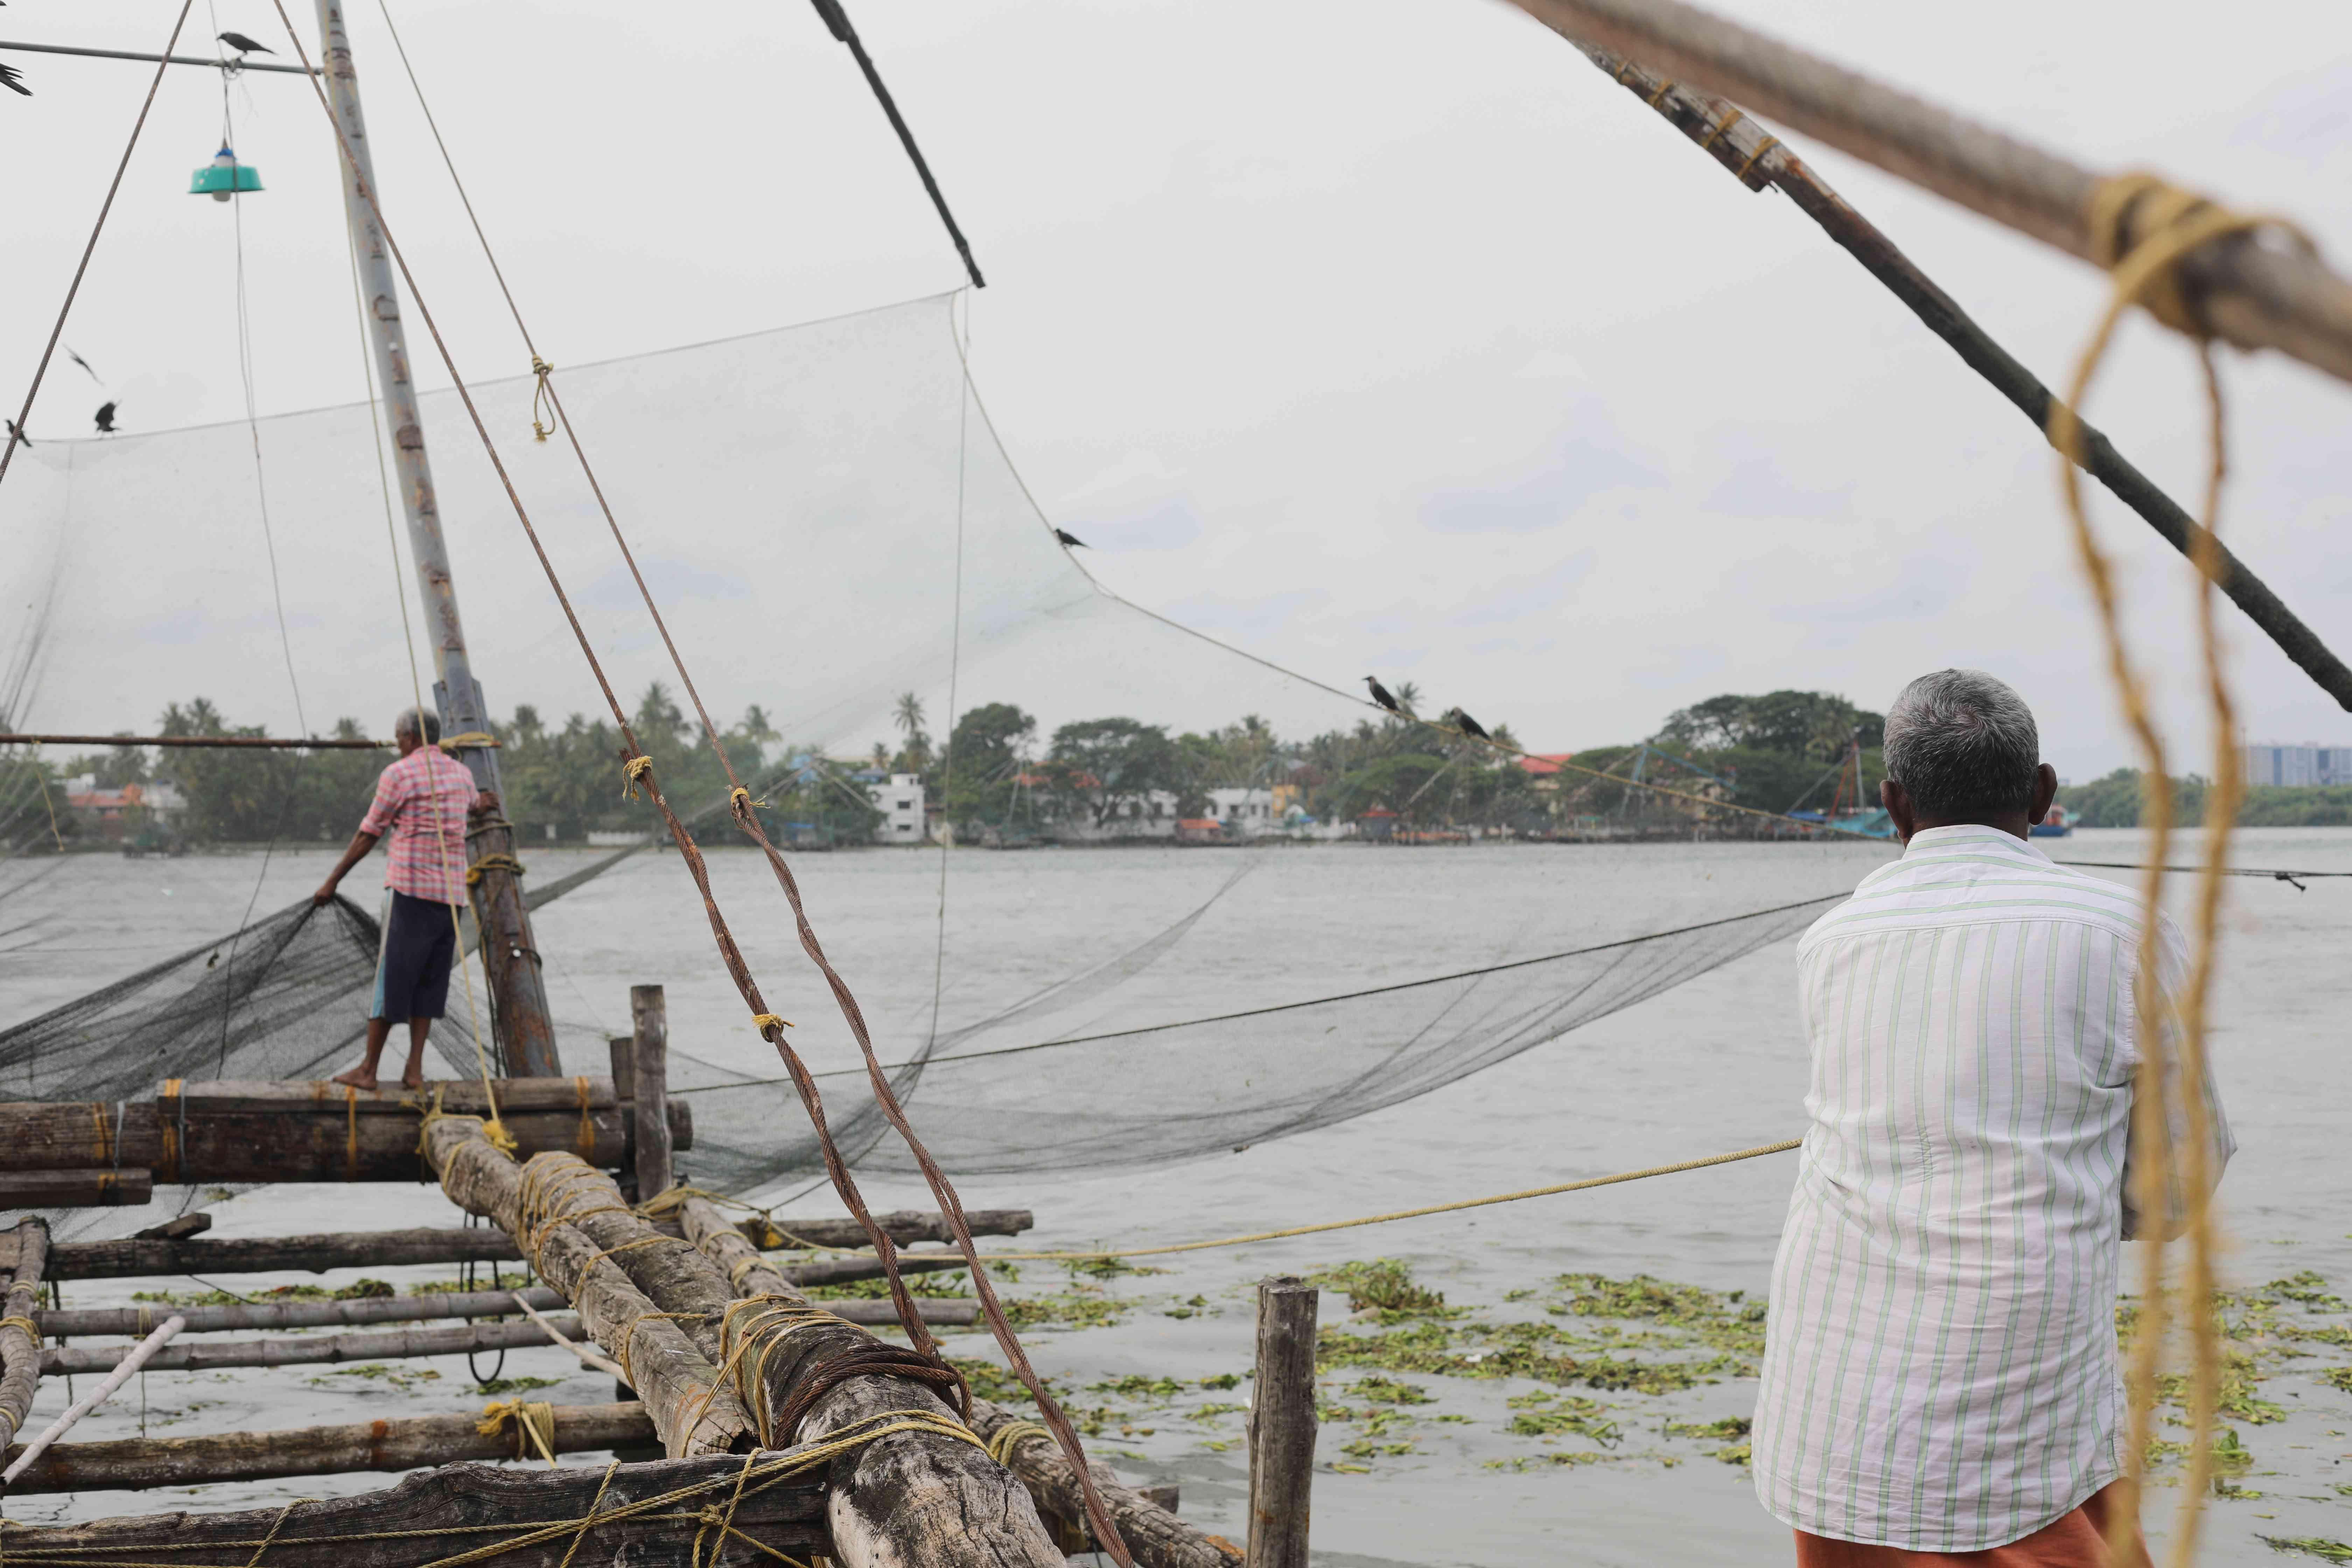 Fishing nets in Kochi